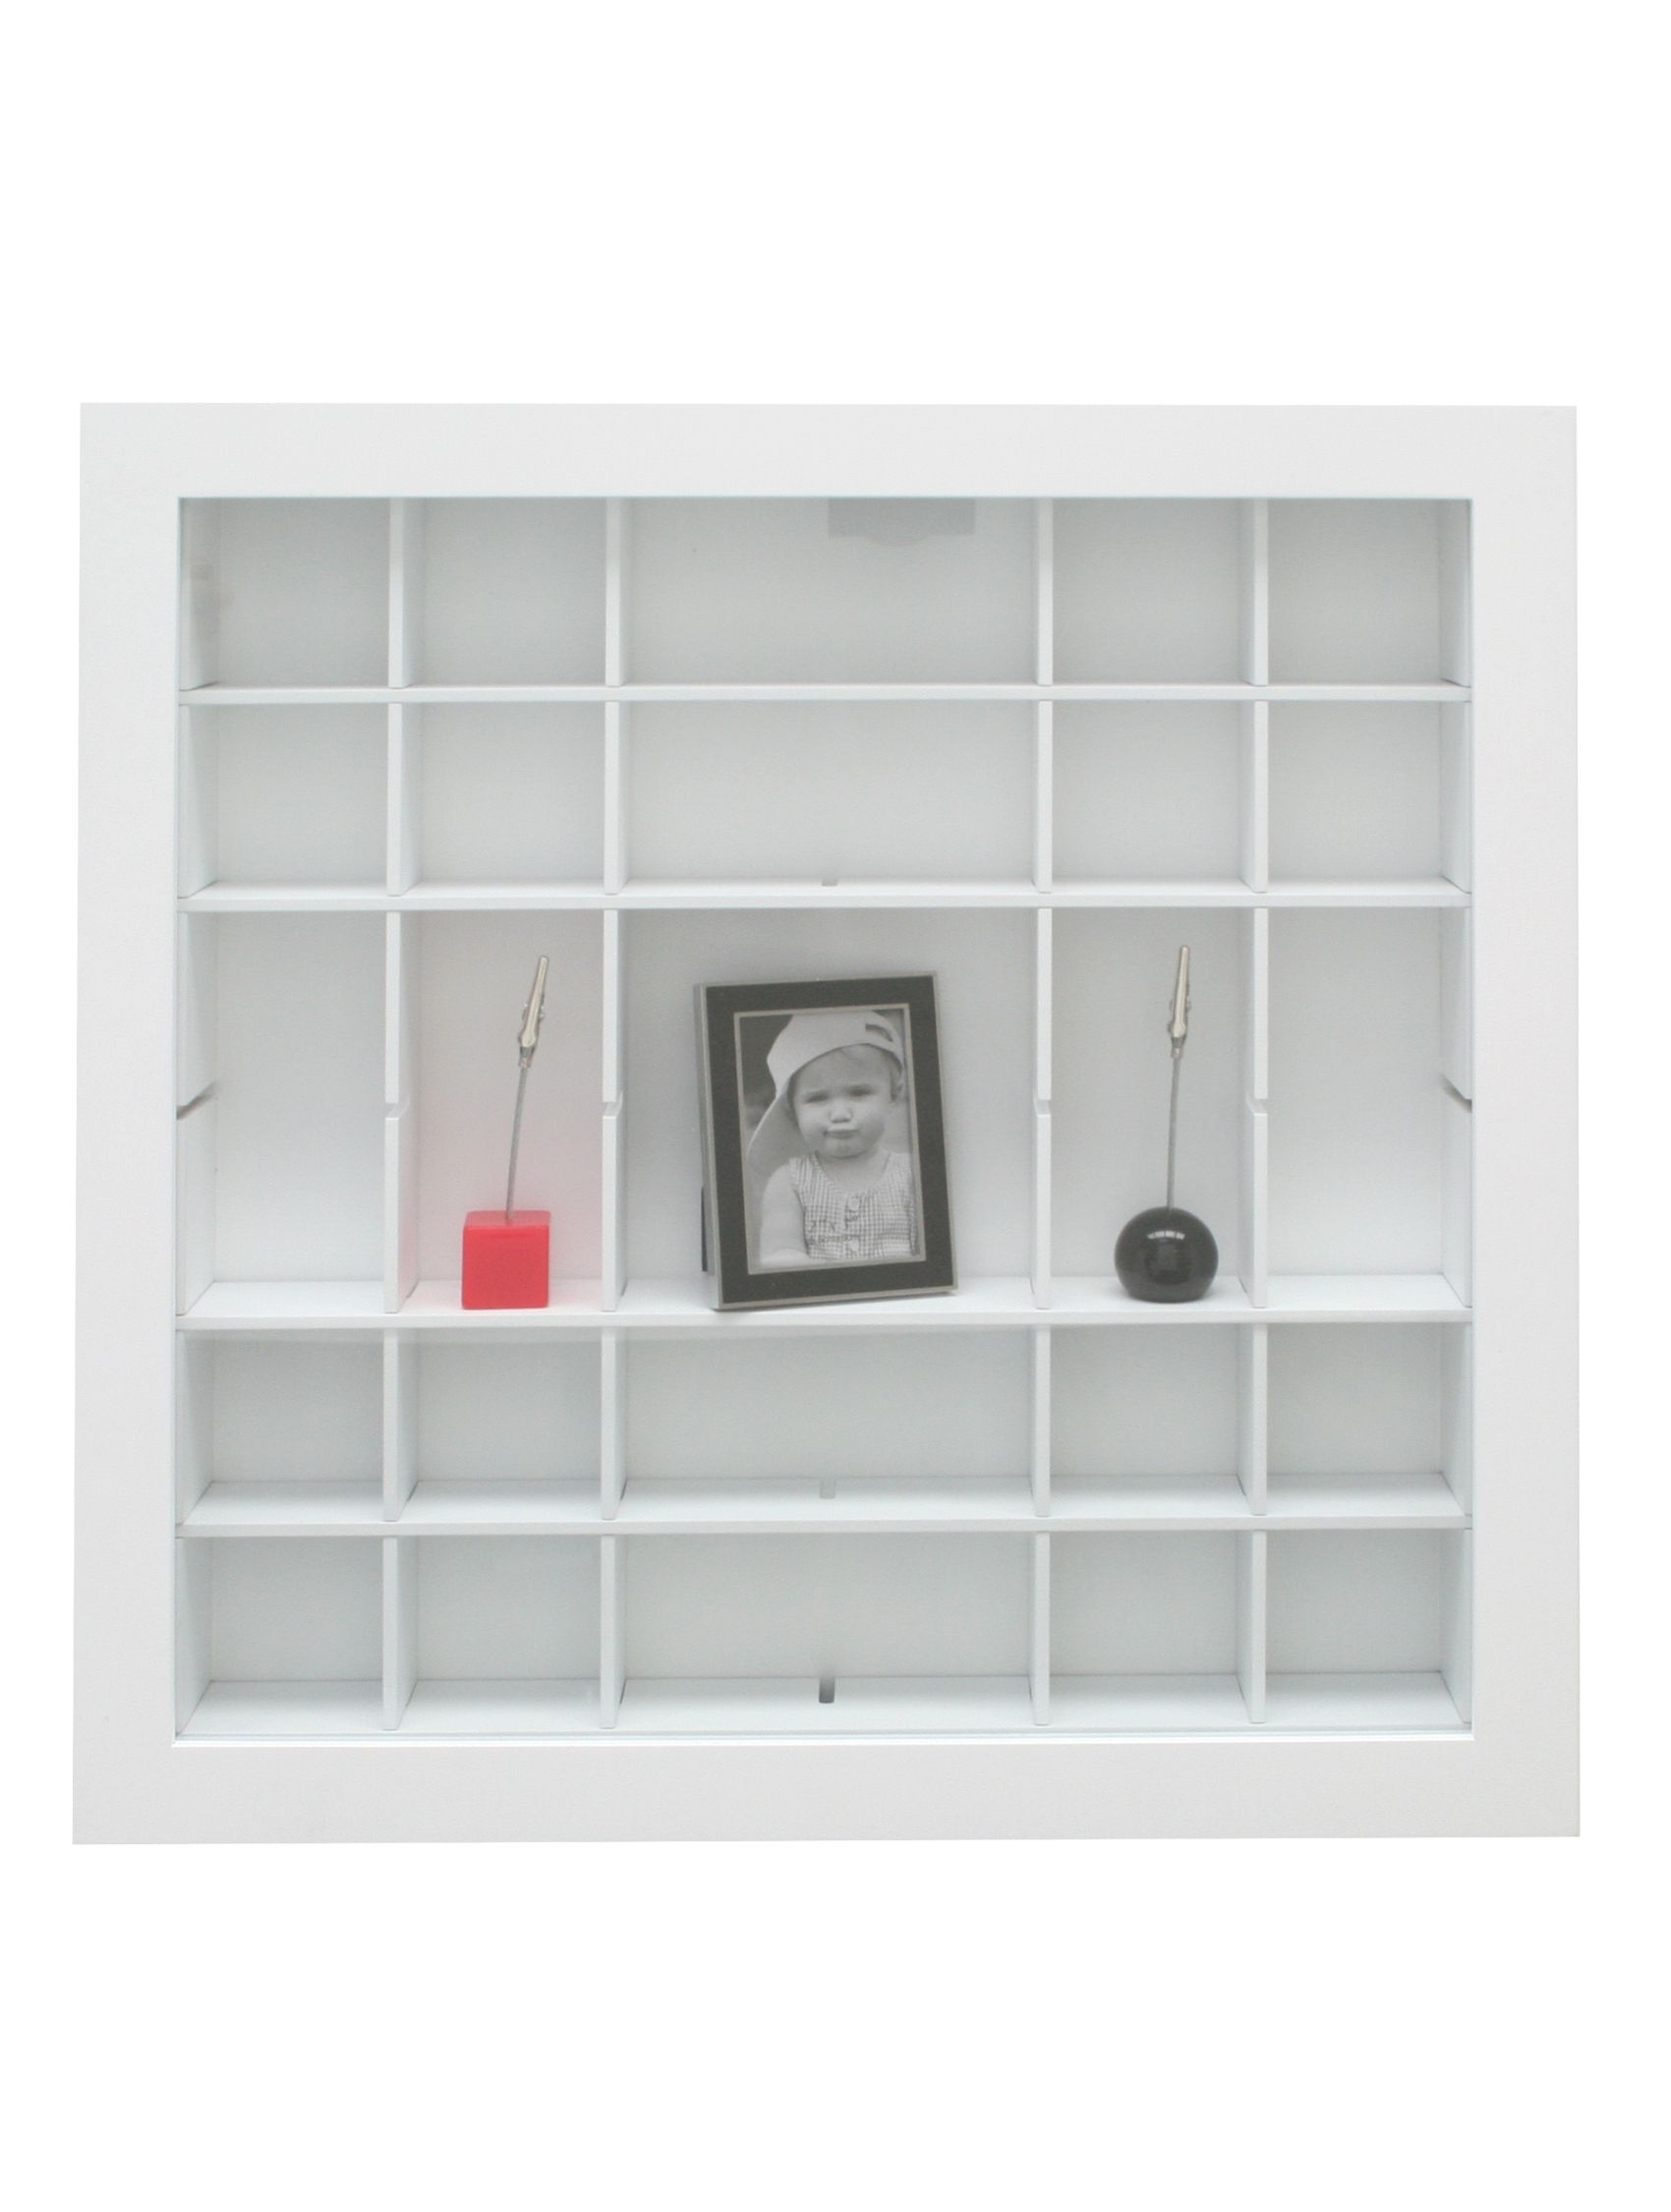 Verzamelbox wit, openingen aanpasbaar, diepte 4,5cm (40x40) en 6,8cm (50x50) S67RY1